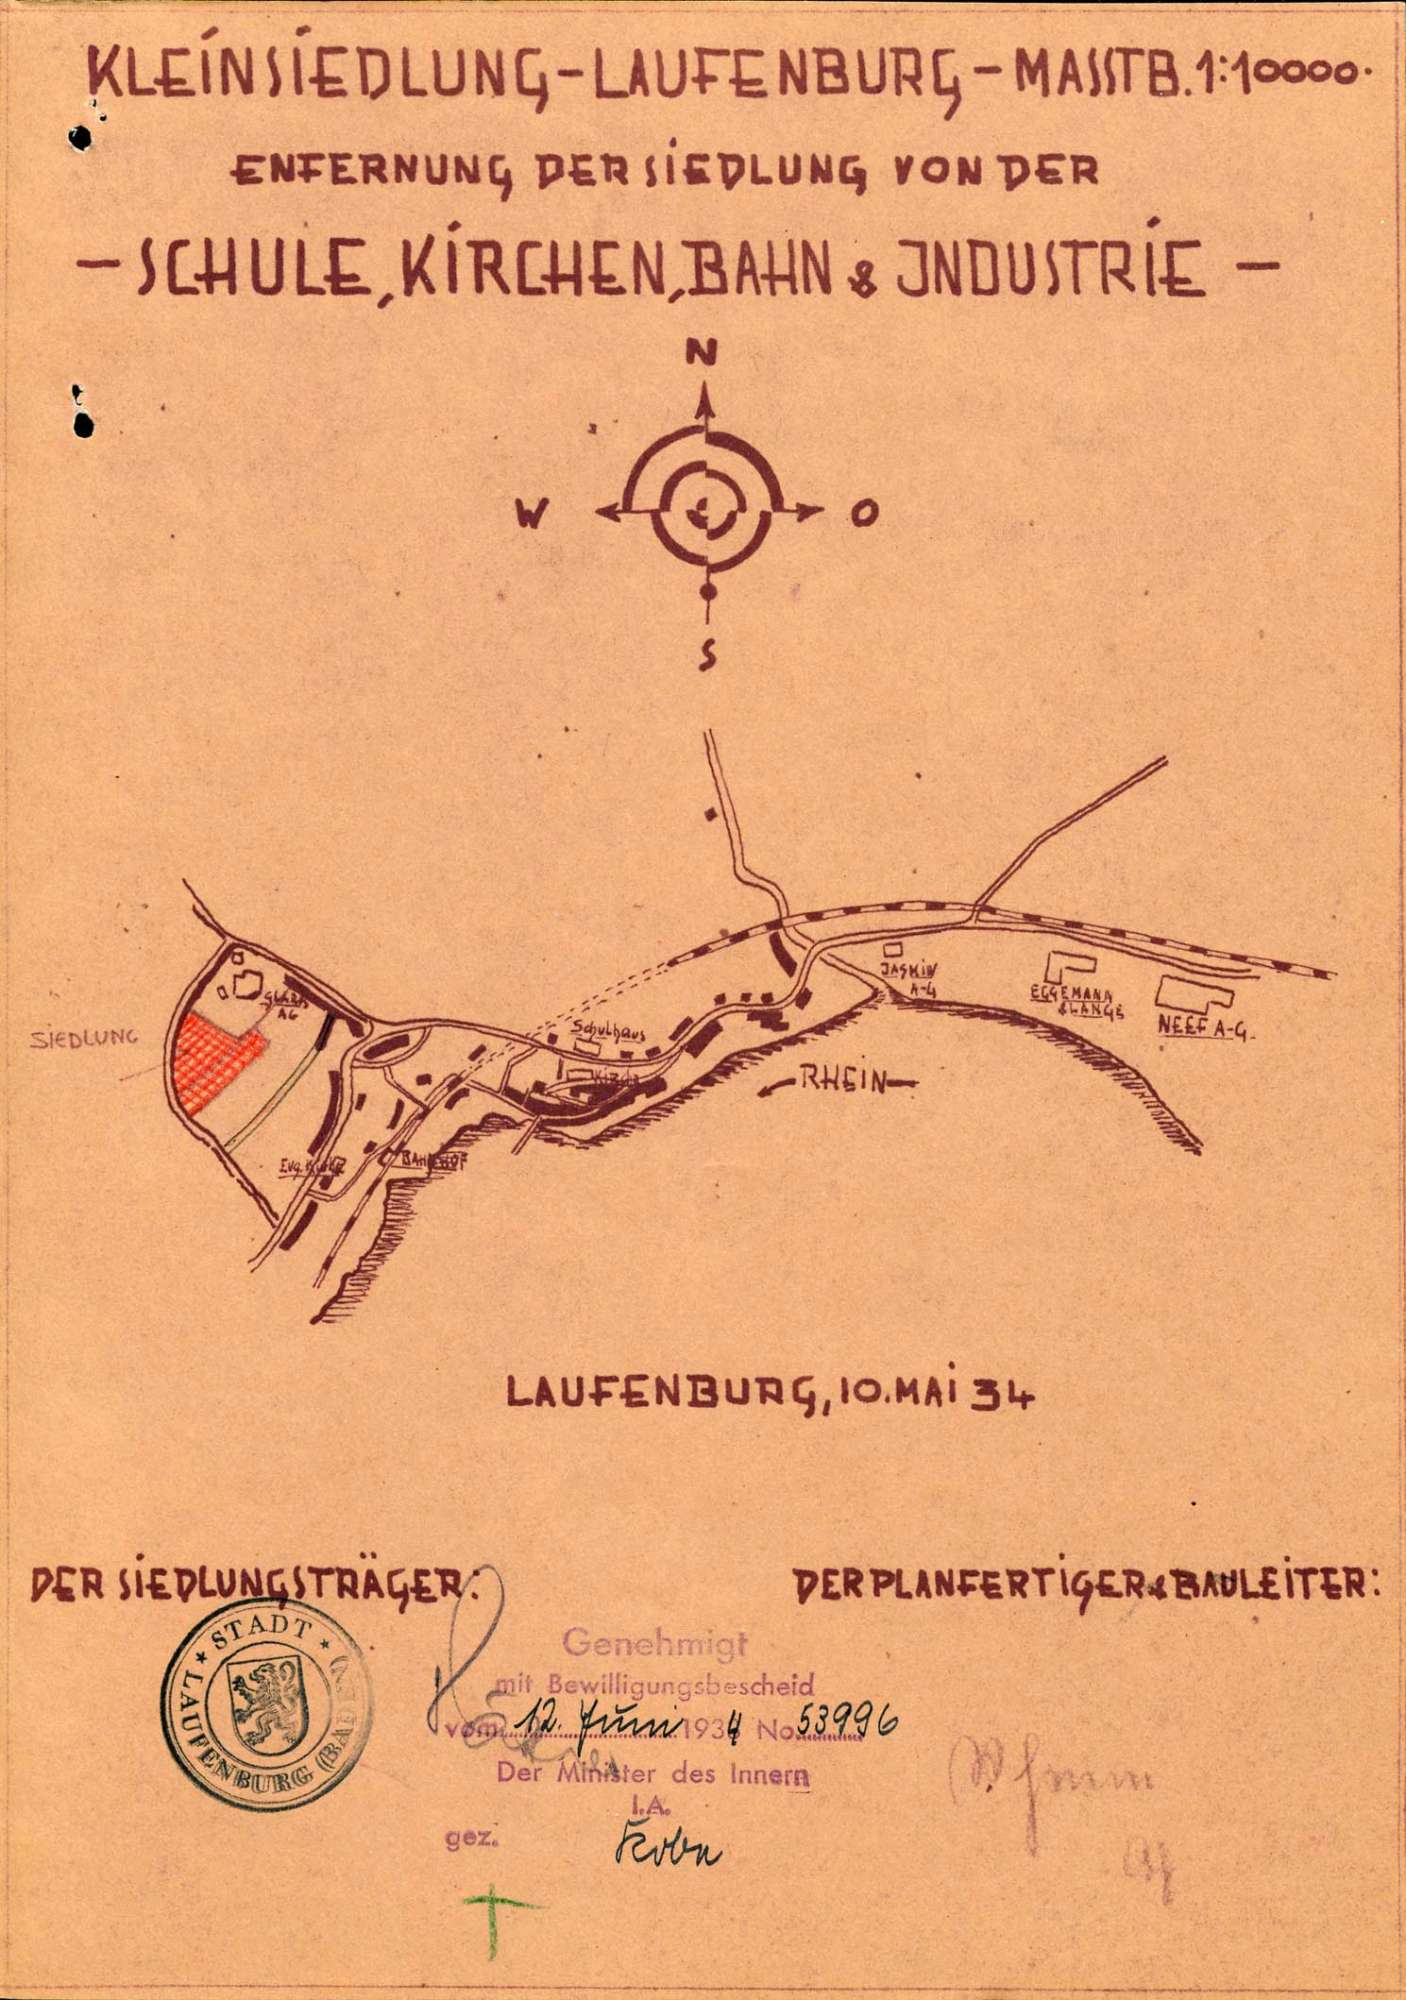 Errichtung einer vorstädtischen Kleinsiedlung durch die Stadt Laufenburg (Baden), Bild 1